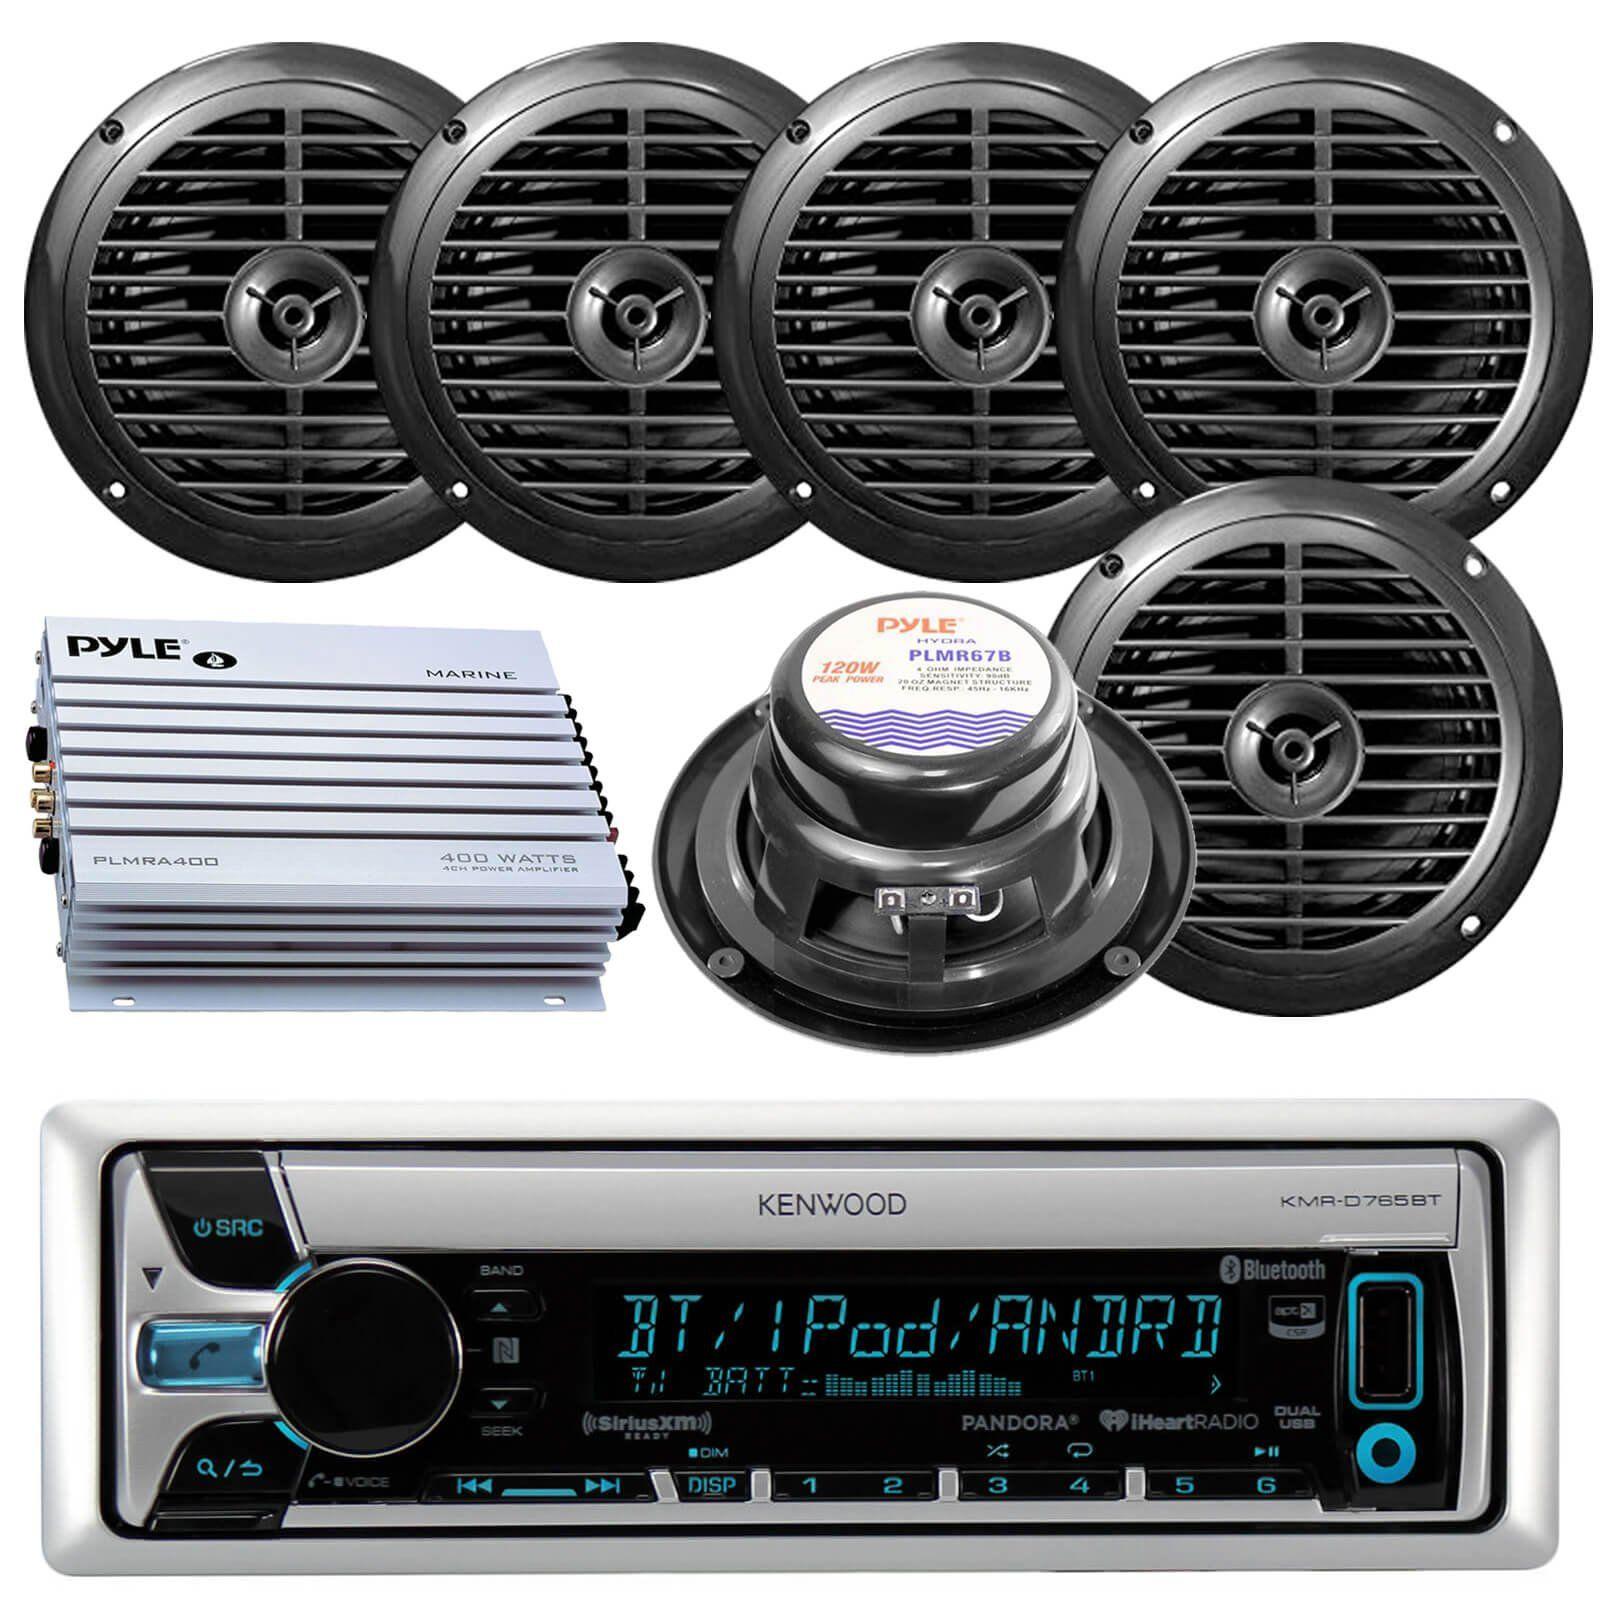 Cobra MR HH125 EU 3 Watt Waterproof VHF Radio